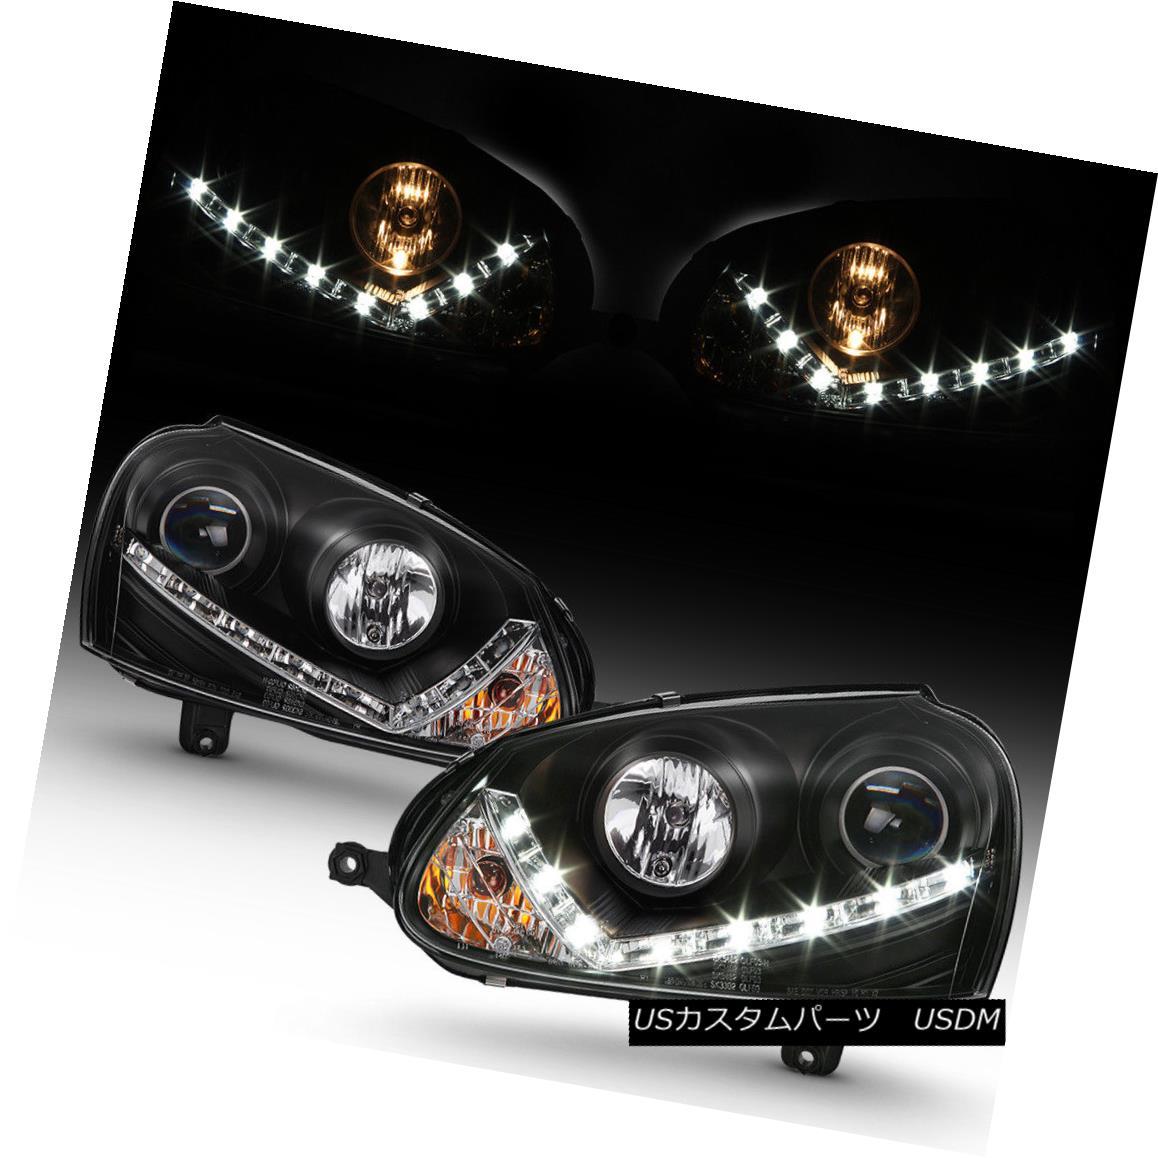 ヘッドライト Black 2006-2009 VW GTI Jetta Rabbit DRL LED Strip Projector Headlights 06-09 ブラック2006-2009 VW GTIジェッタラビットDRL LEDストリッププロジェクターヘッドライト06-09